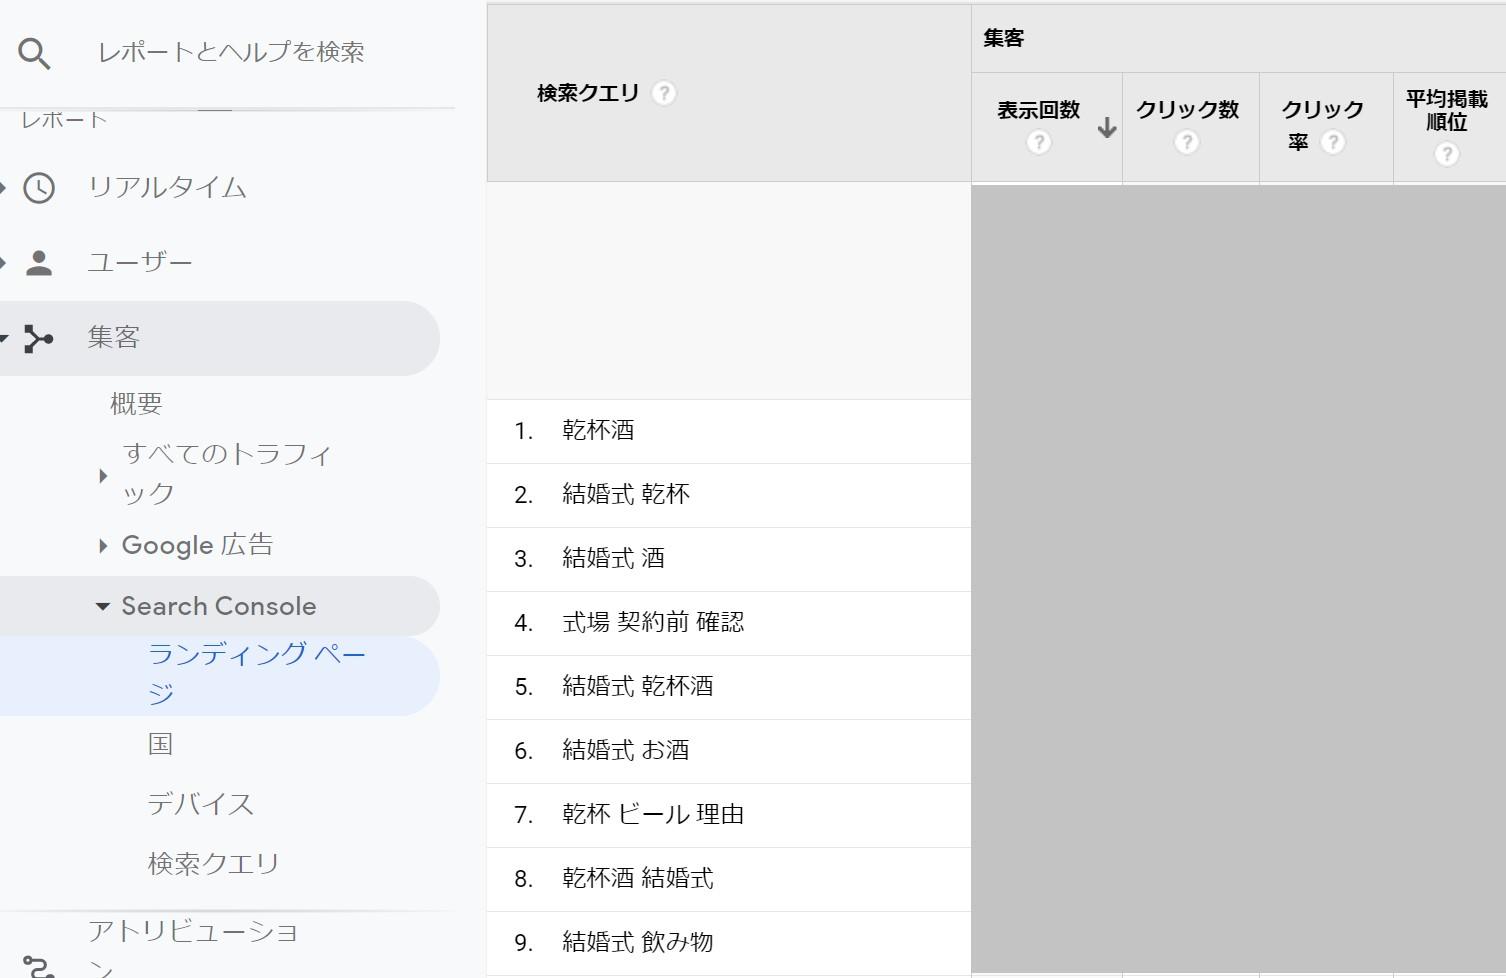 searchconsoleのページごとの検索クエリ